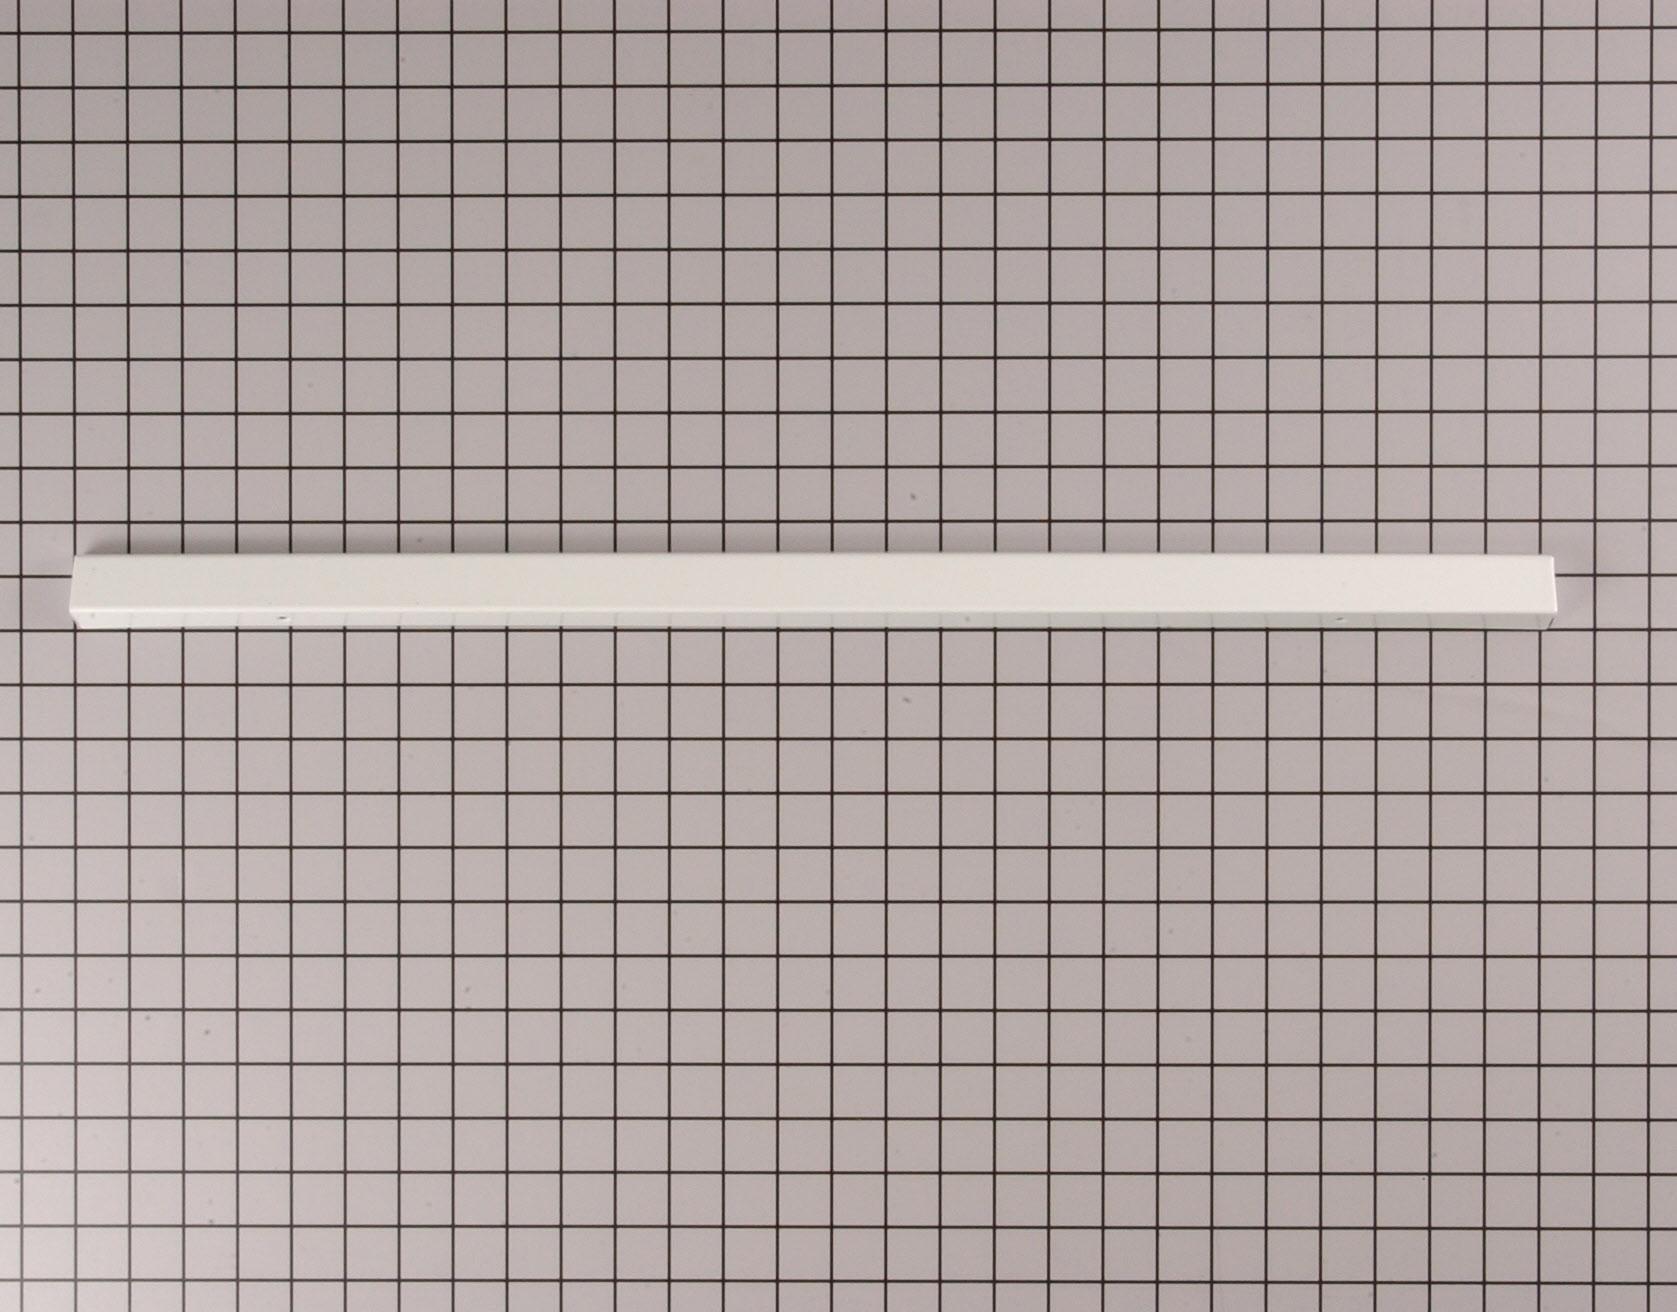 Roper Range/Stove/Oven Part # WP3195263 - Door Handle